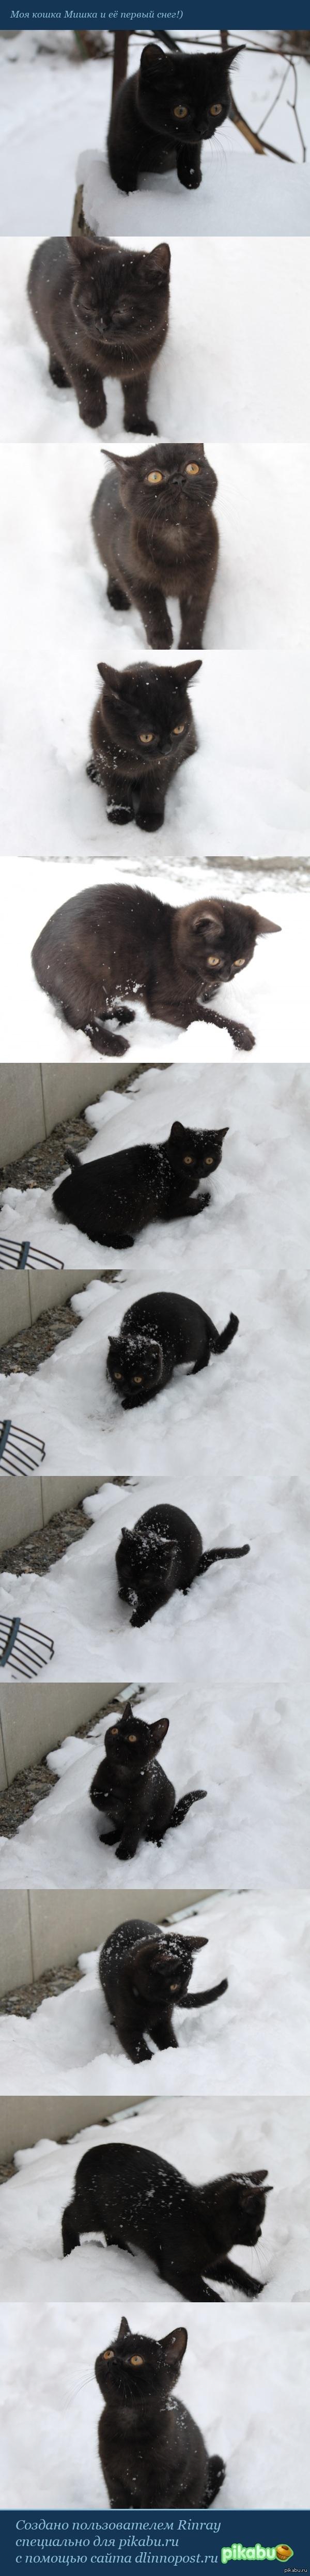 Мишка и снег :) Фотографии ноября 2012 года. Выпустила кошку во двор после первого снегопада, дабы увидеть ее реакцию))